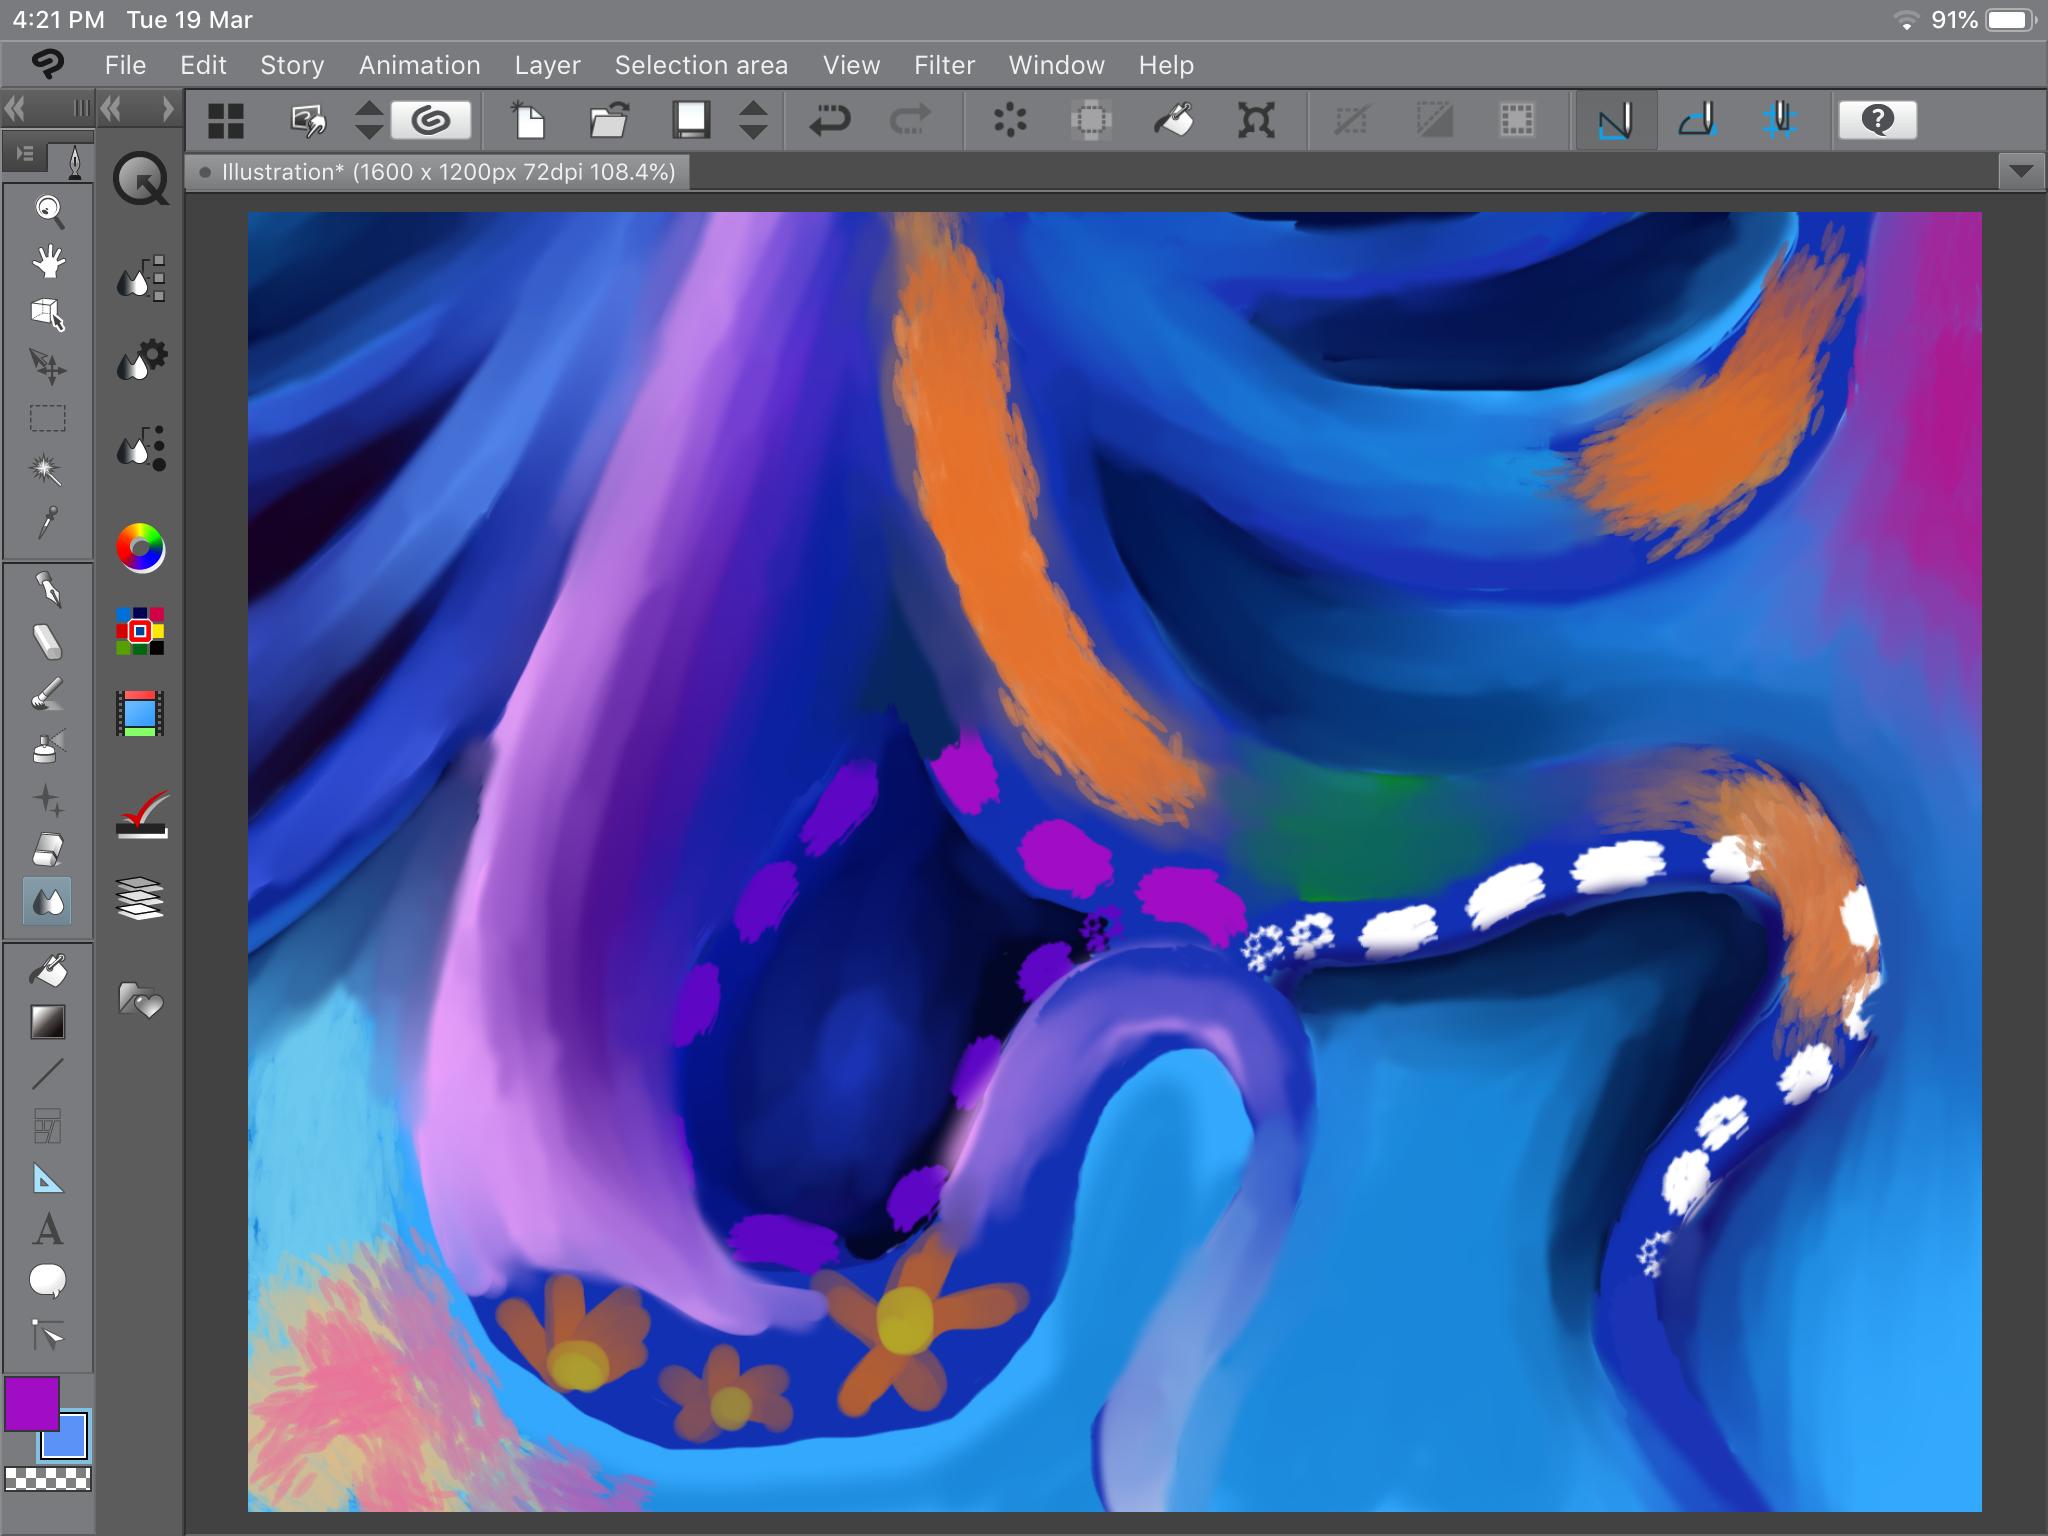 أخطبوط عالم تحت البحر Animation Pandora Screenshot